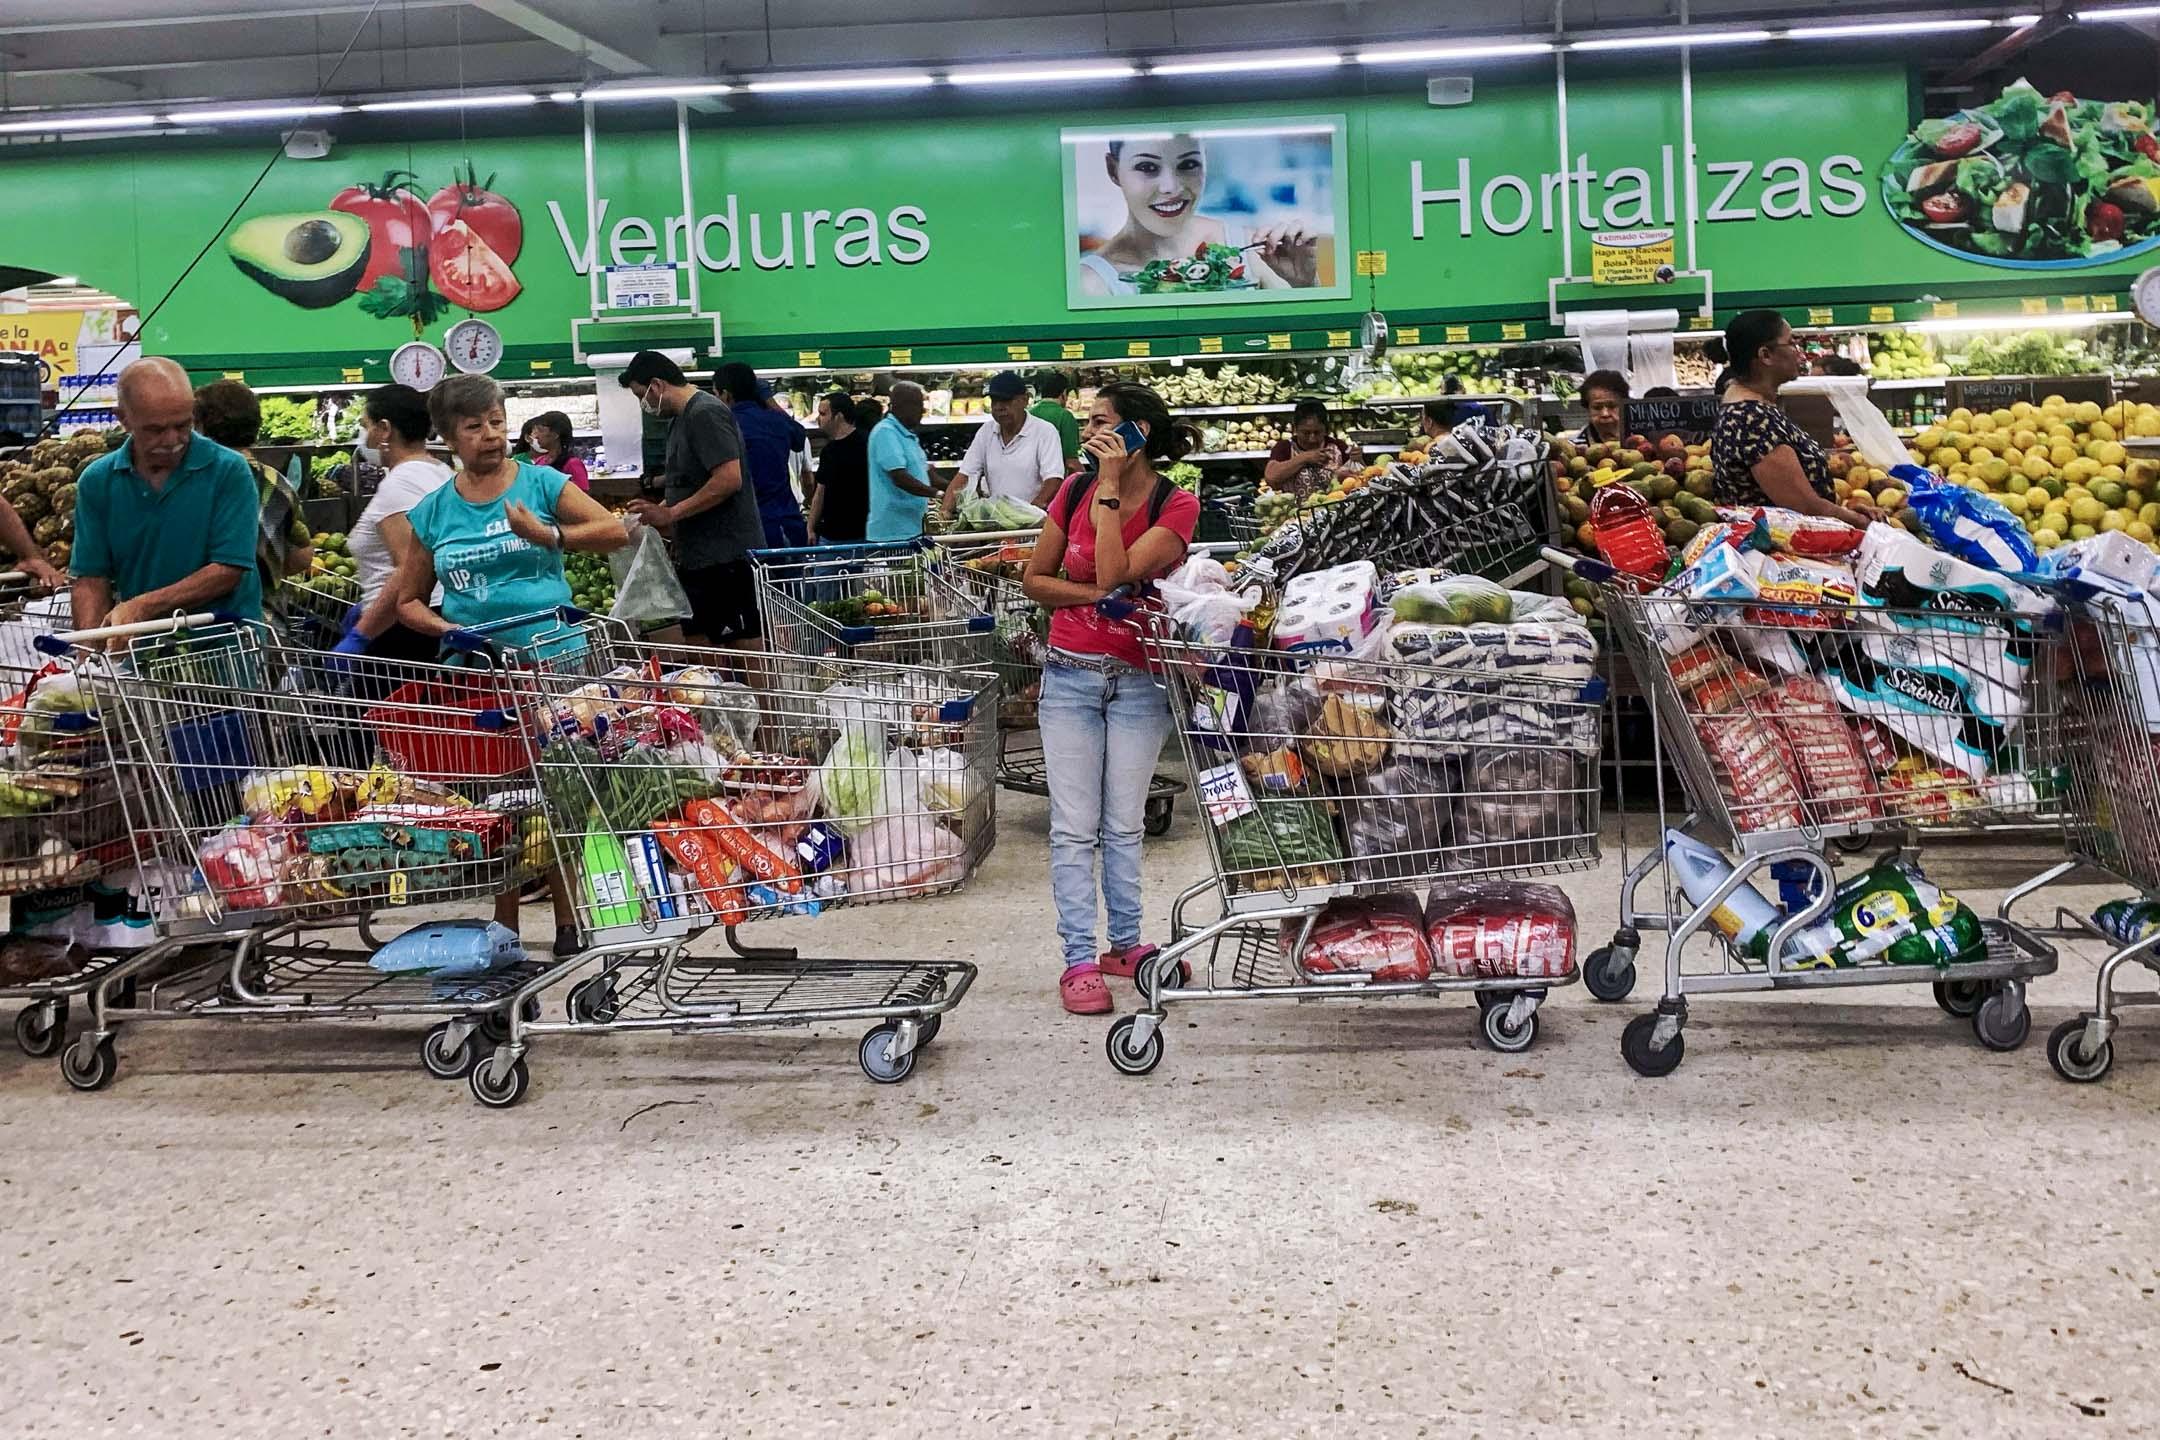 2020年3月18日,受疫情影響,哥倫比亞一家超市的客人排隊搶購日用物資。 攝: Luis Robayo / AFP via Getty Images